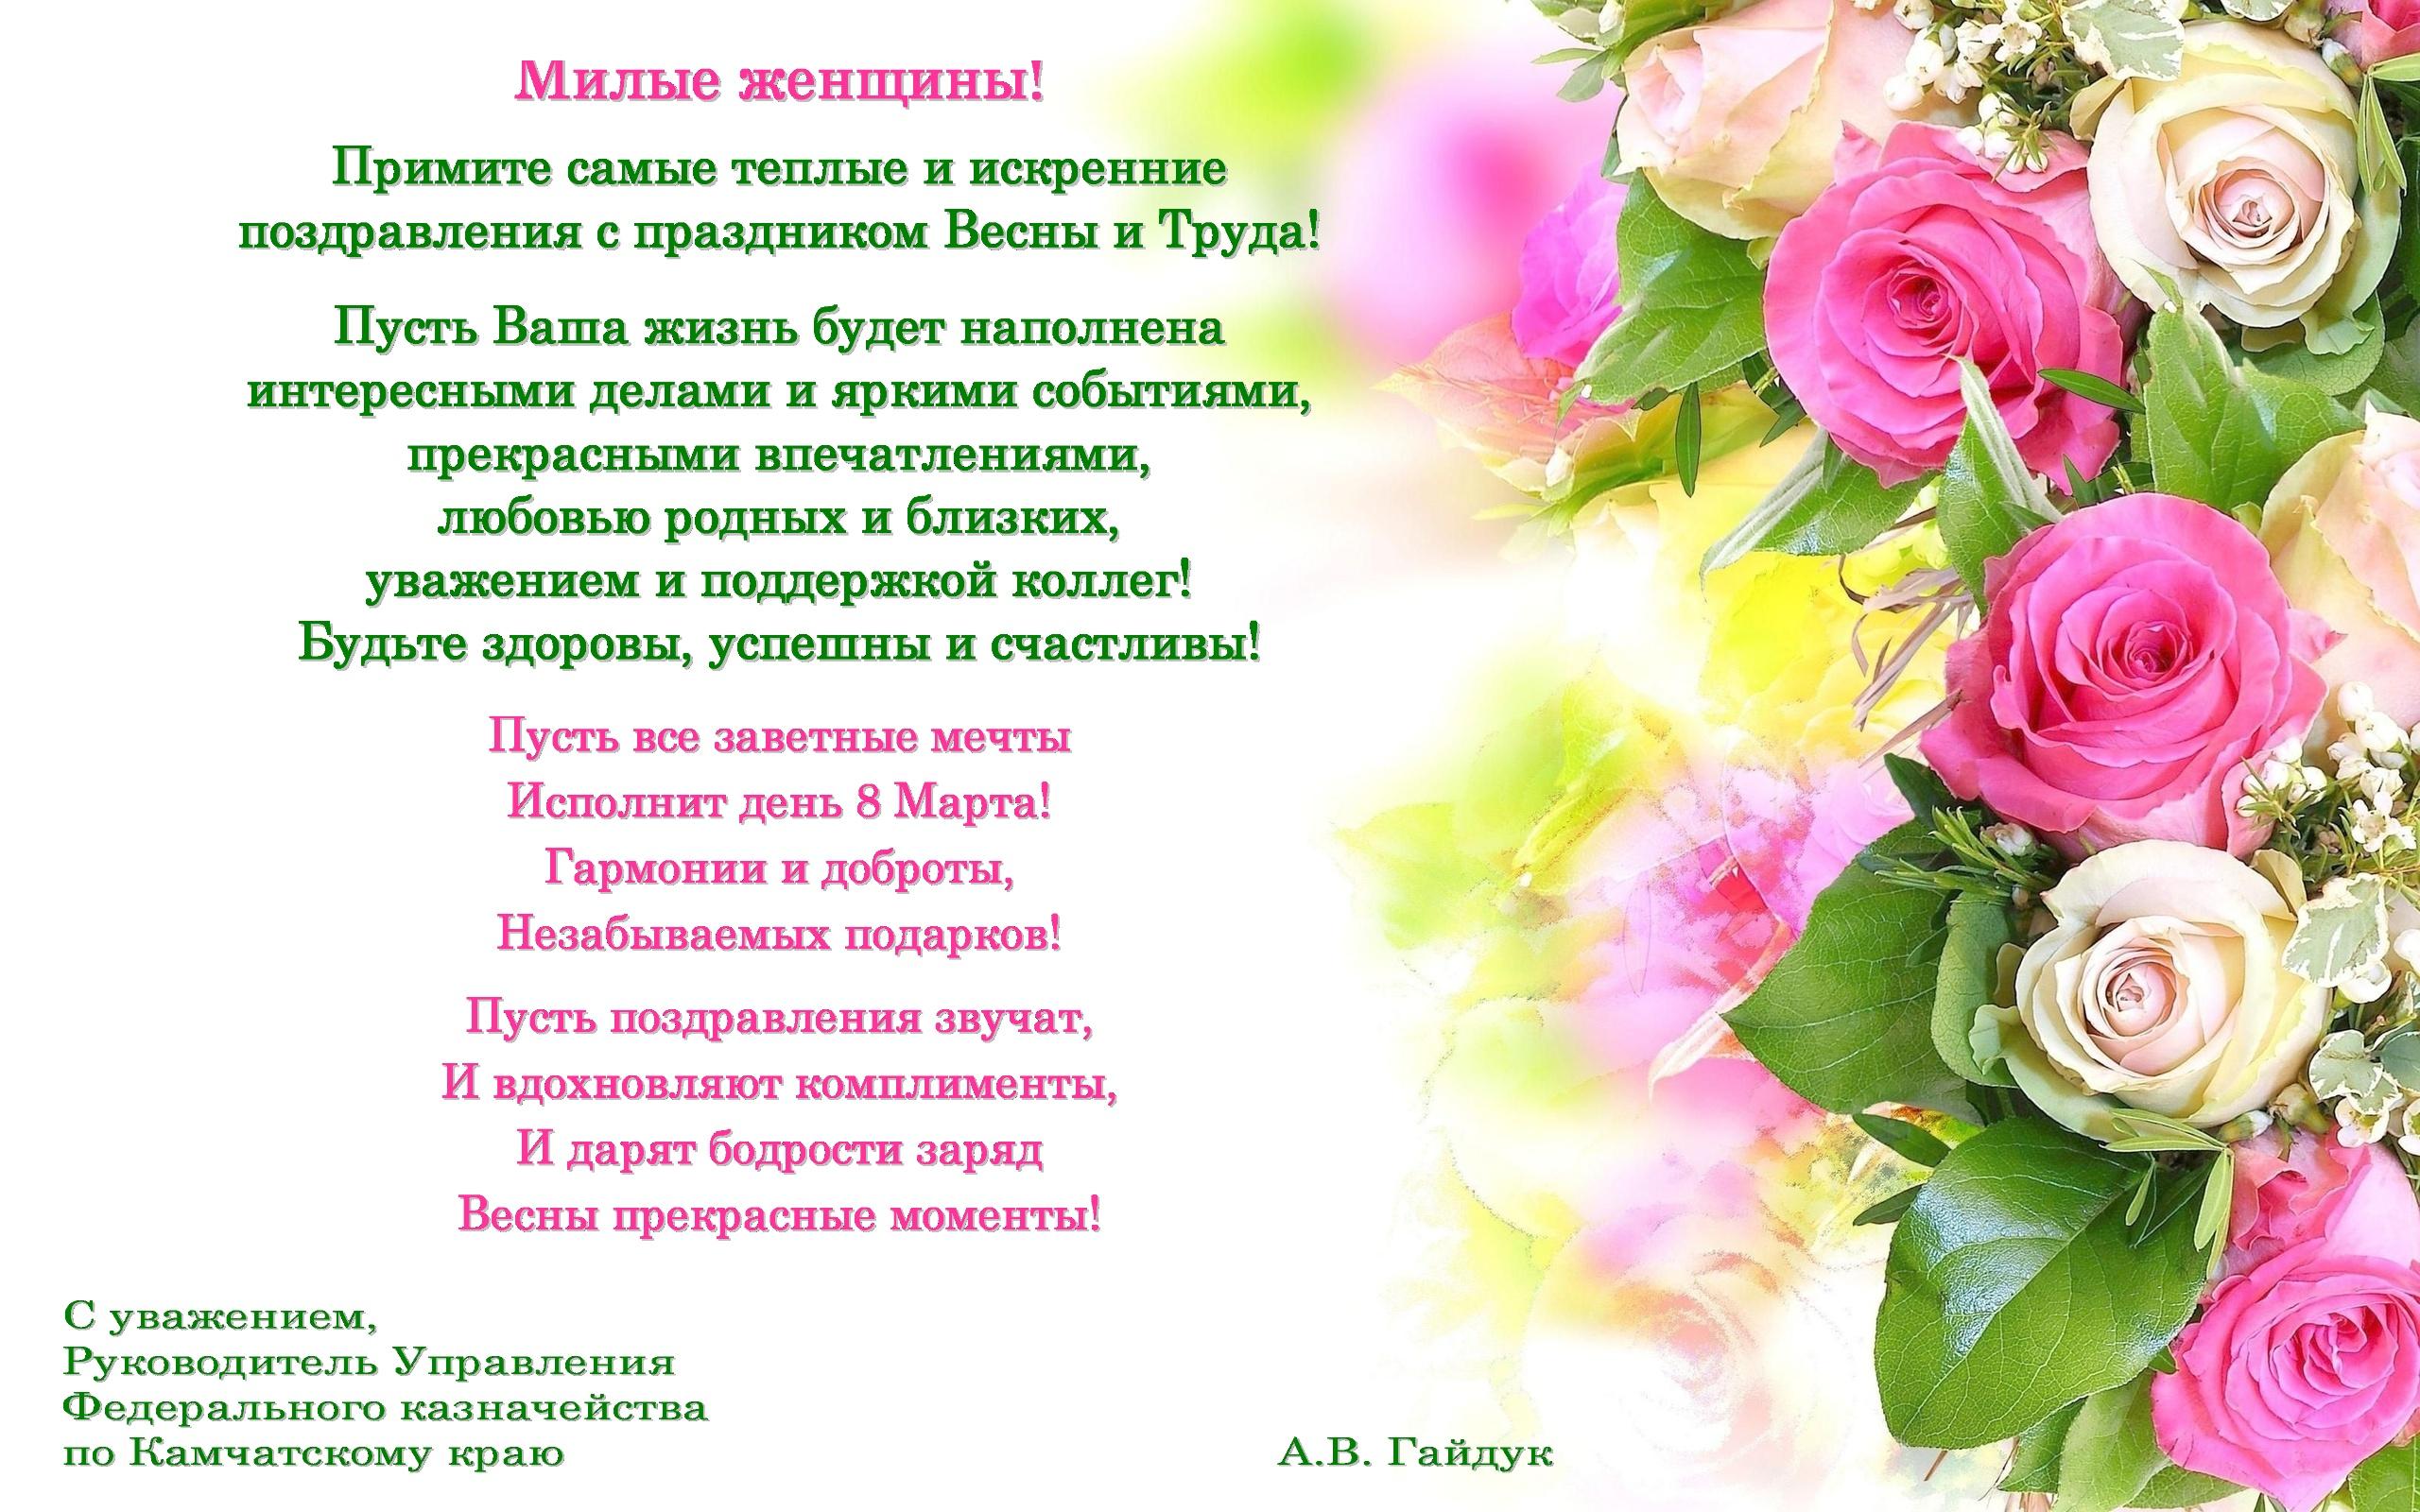 Искренние поздравления с праздником и пожеланиями